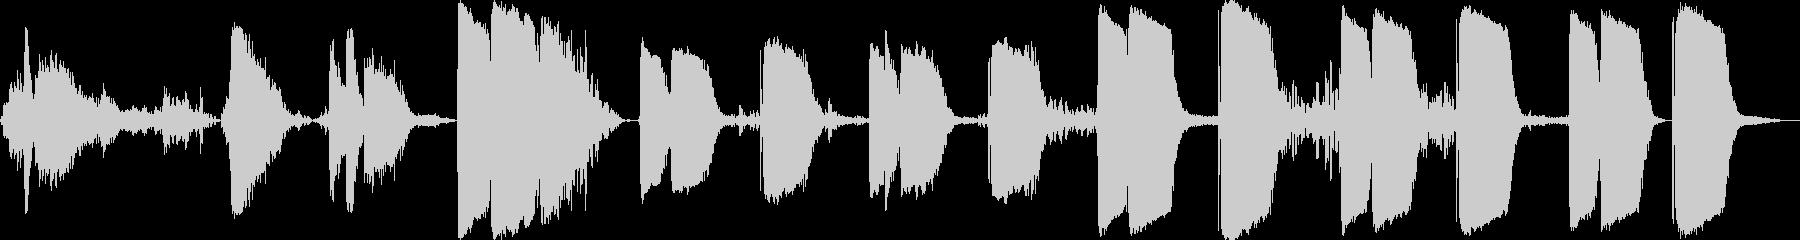 ジェットコースターシリンダーキック...の未再生の波形